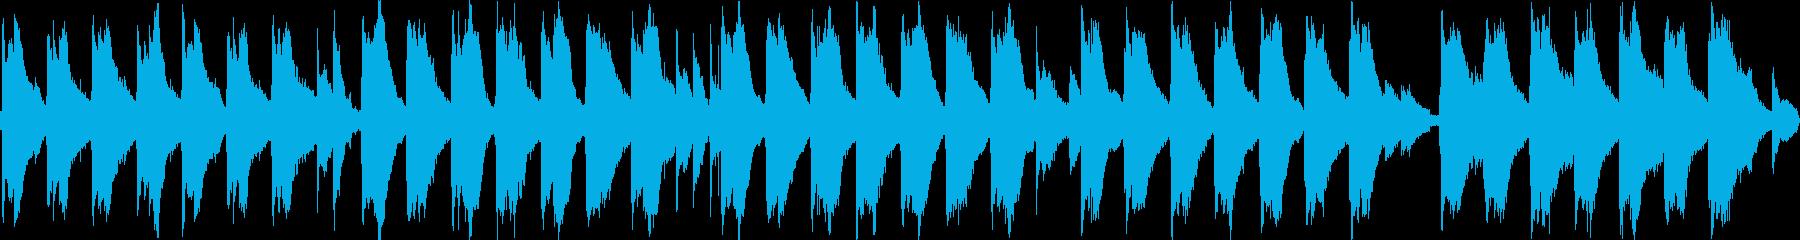 切ない雰囲気のアコギのアルペジオの再生済みの波形